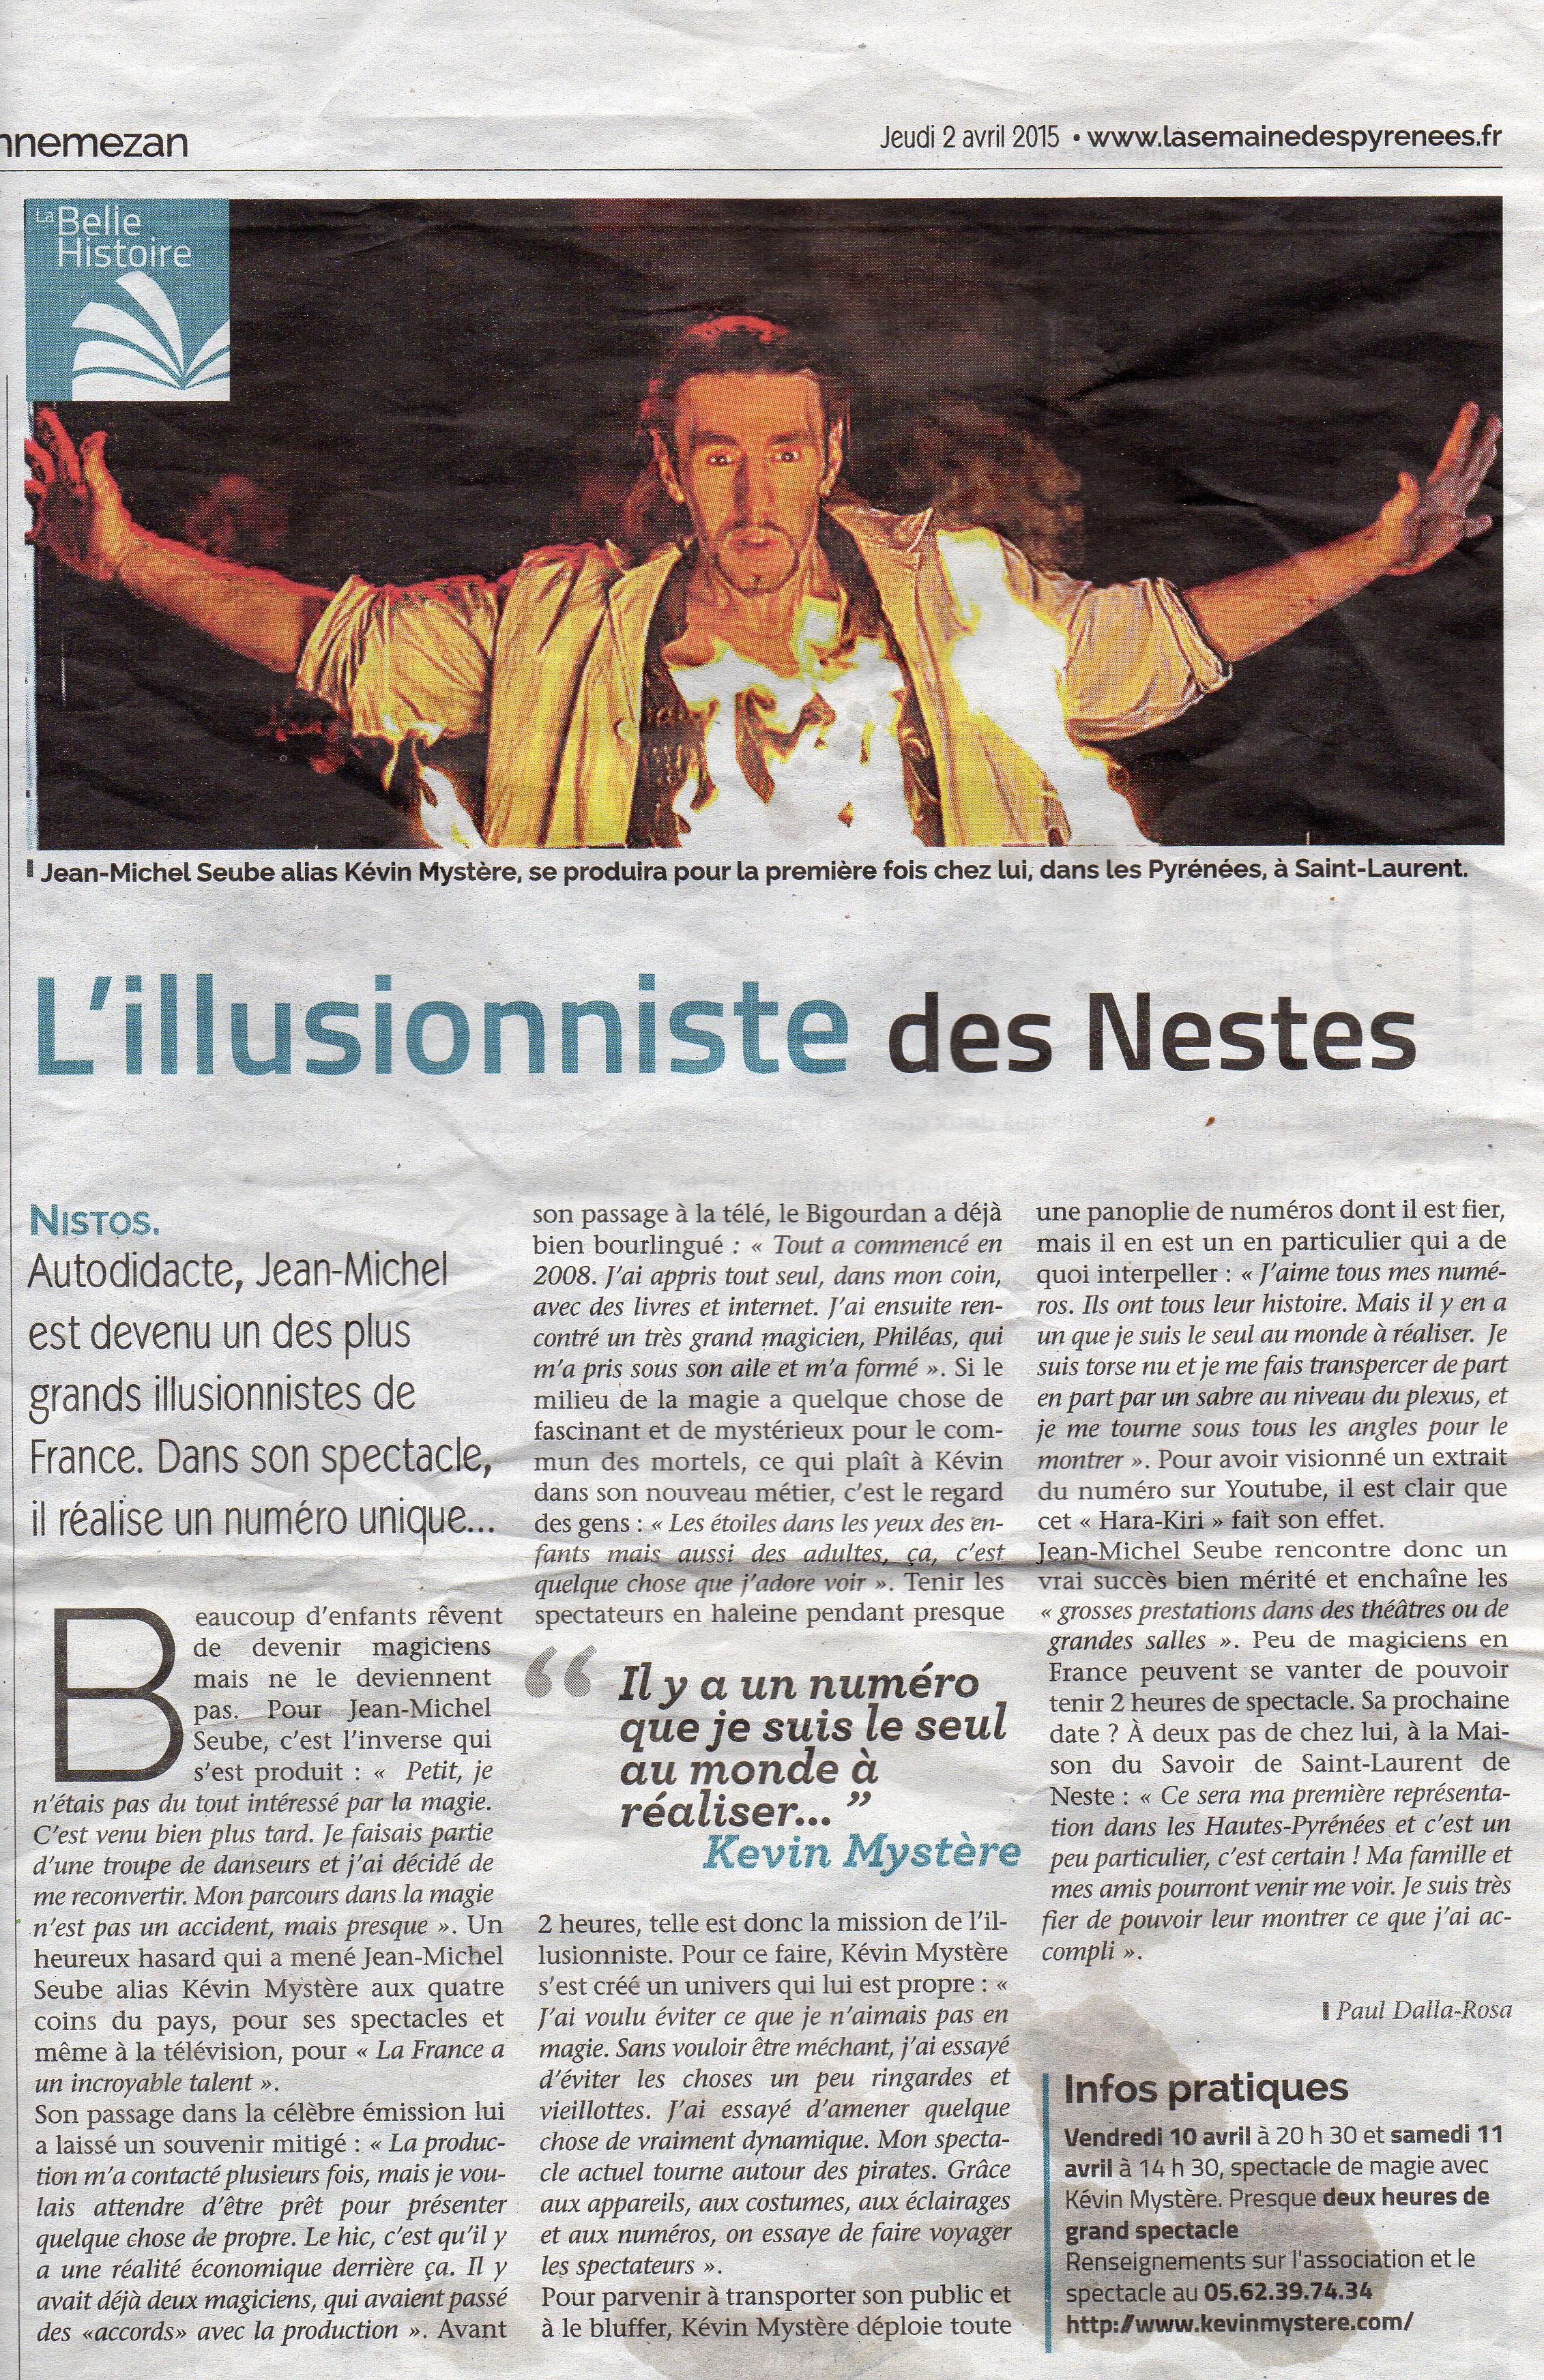 La_Semaine_des_Pyrénées.jpg